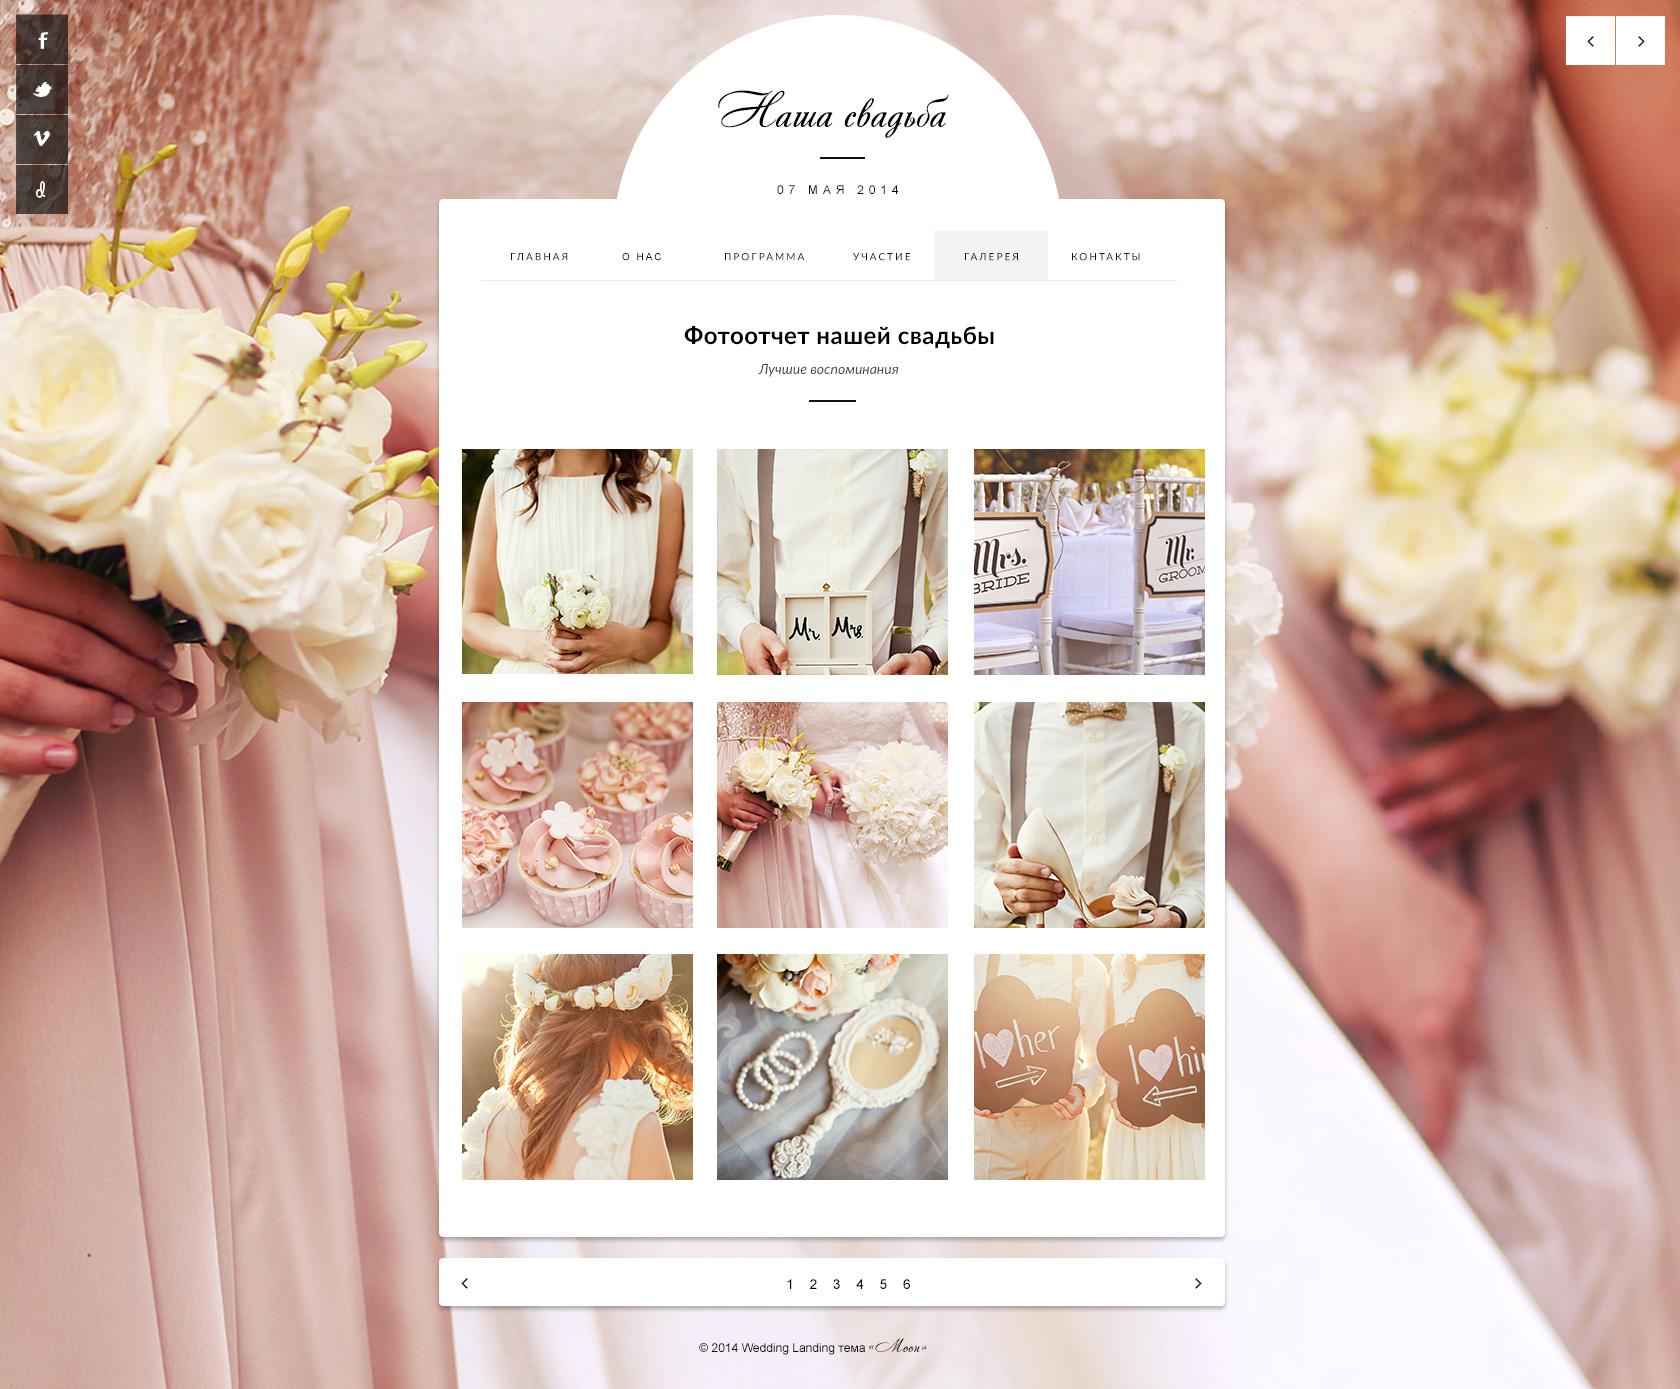 Создание свадебного сайта зао управляющая компания отель менеджмент сайт